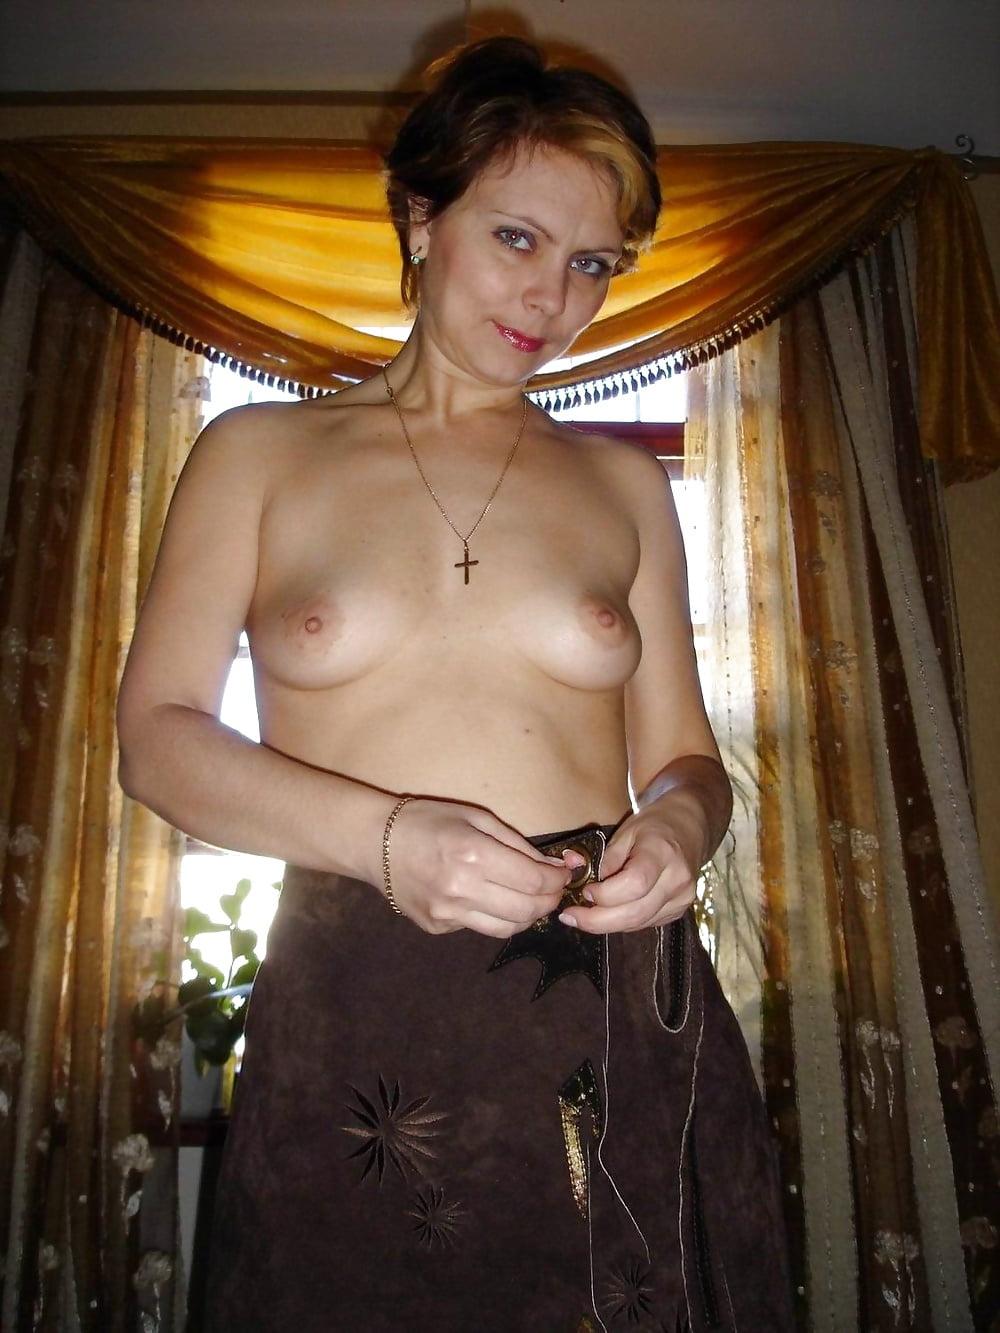 фото зрелых женщин любительские эротические - 11